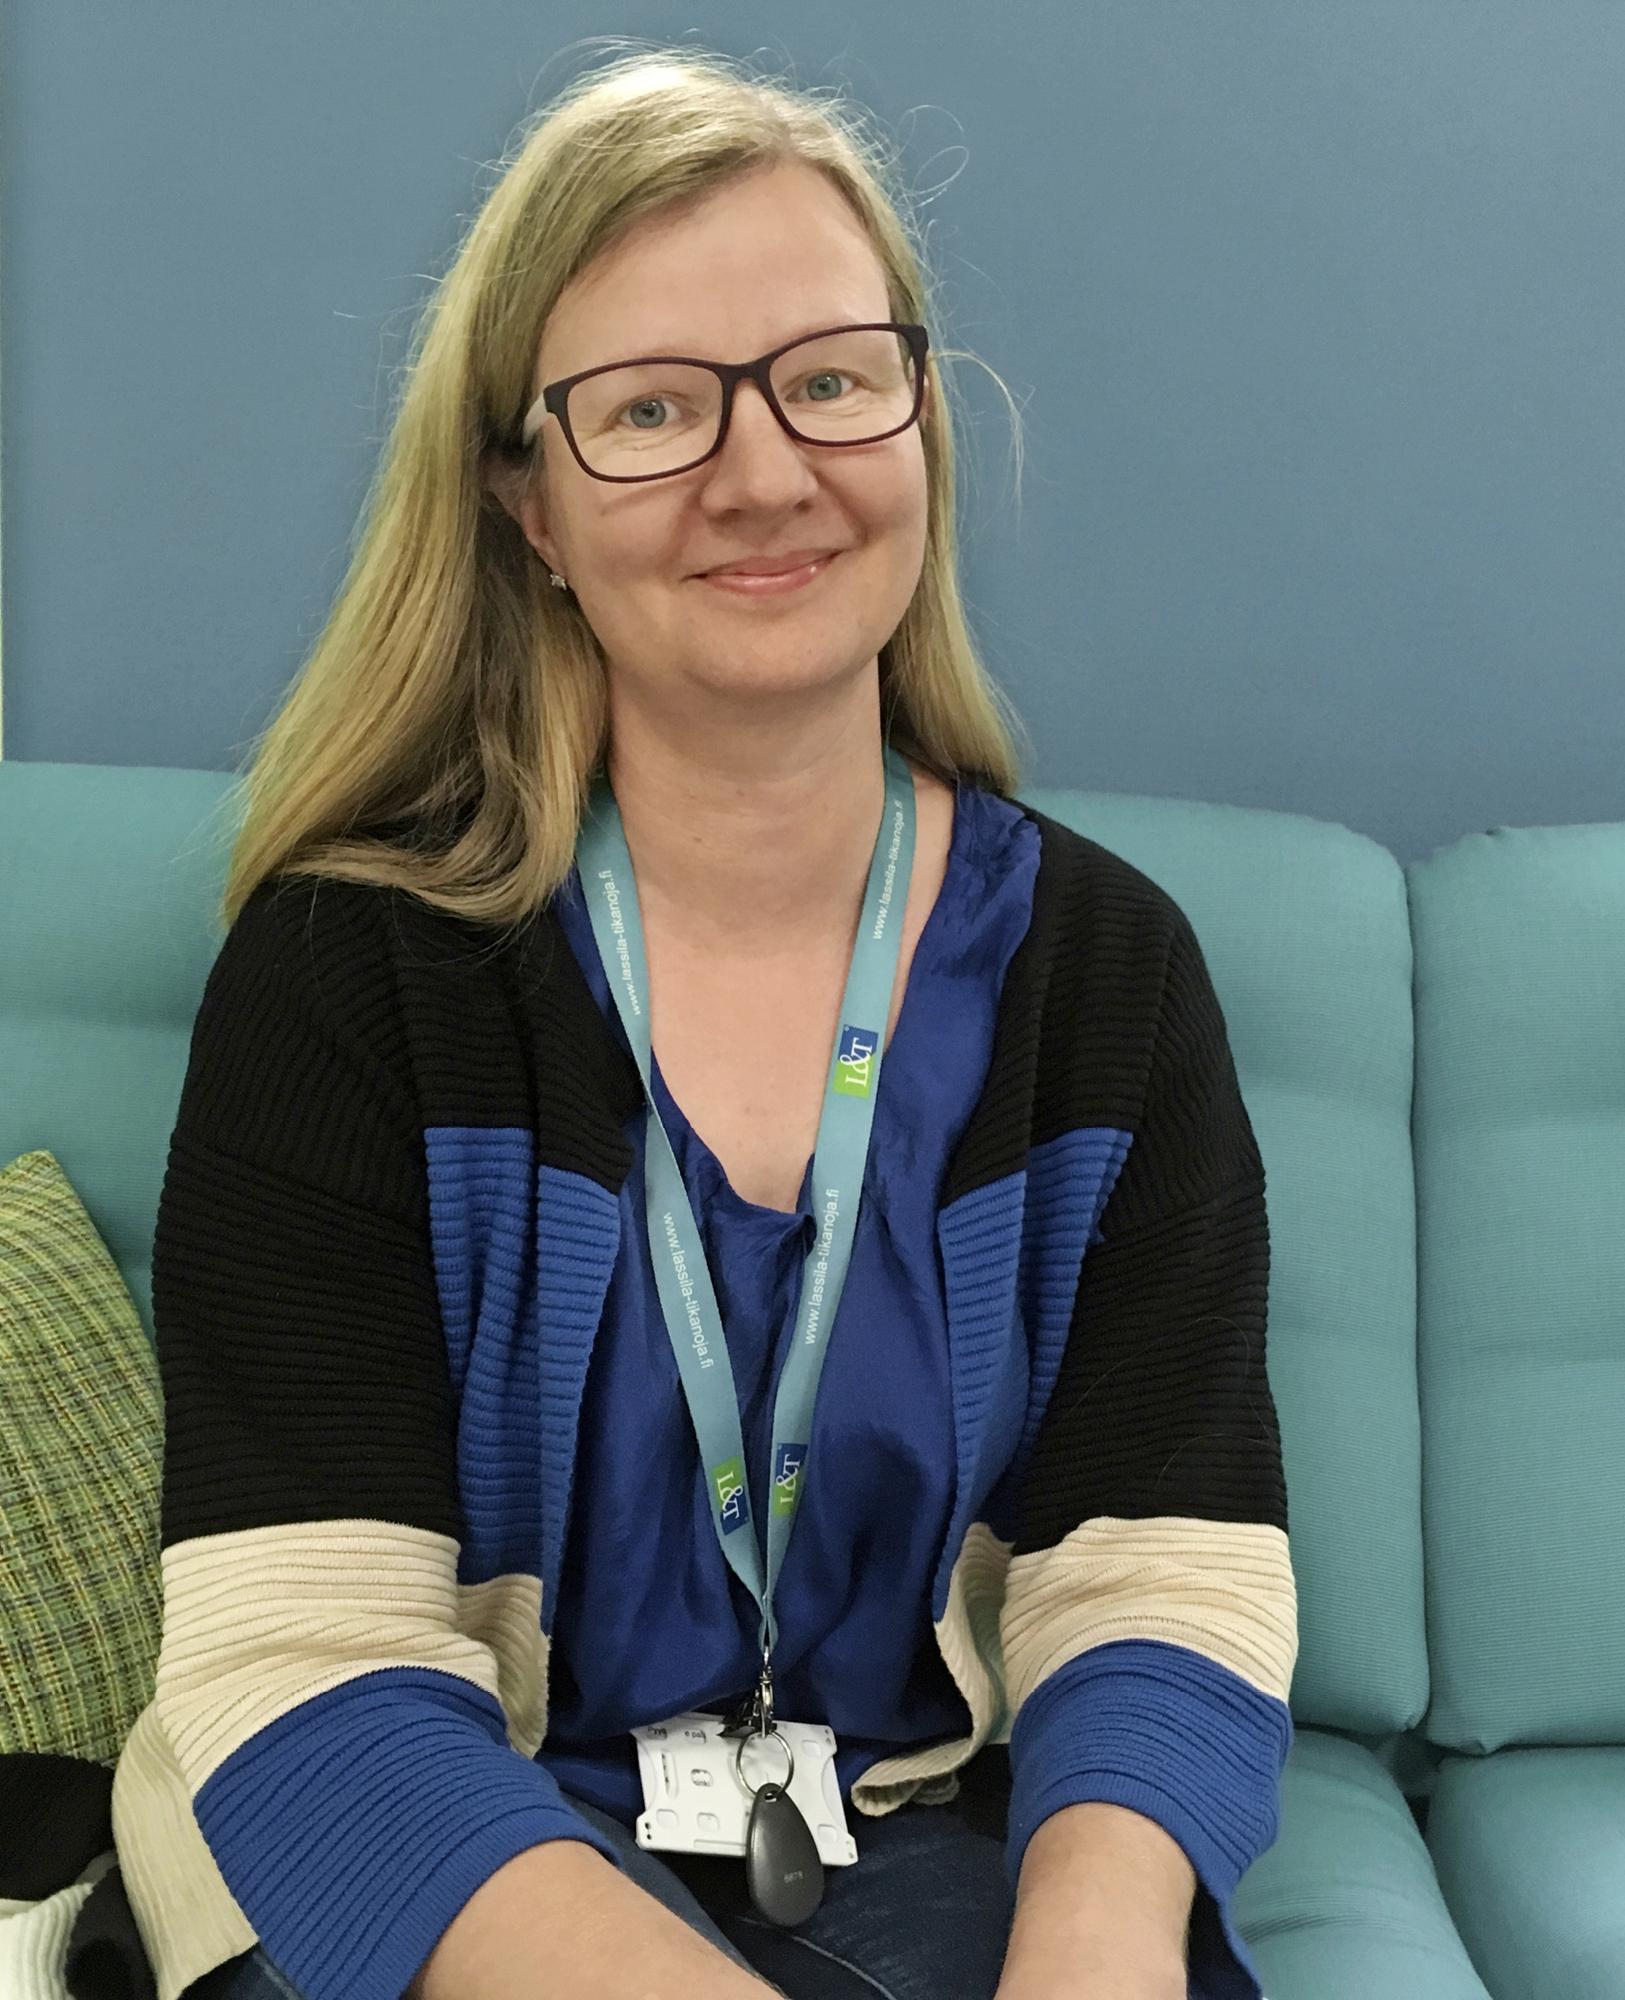 Lassila & Tikanojalla johtavana asiantuntijana työskentelevä Hanna Huttunen toivoo, että viranomaiset olisivat joustavia mahdollisten lisäaikapyyntöjen kanssa.